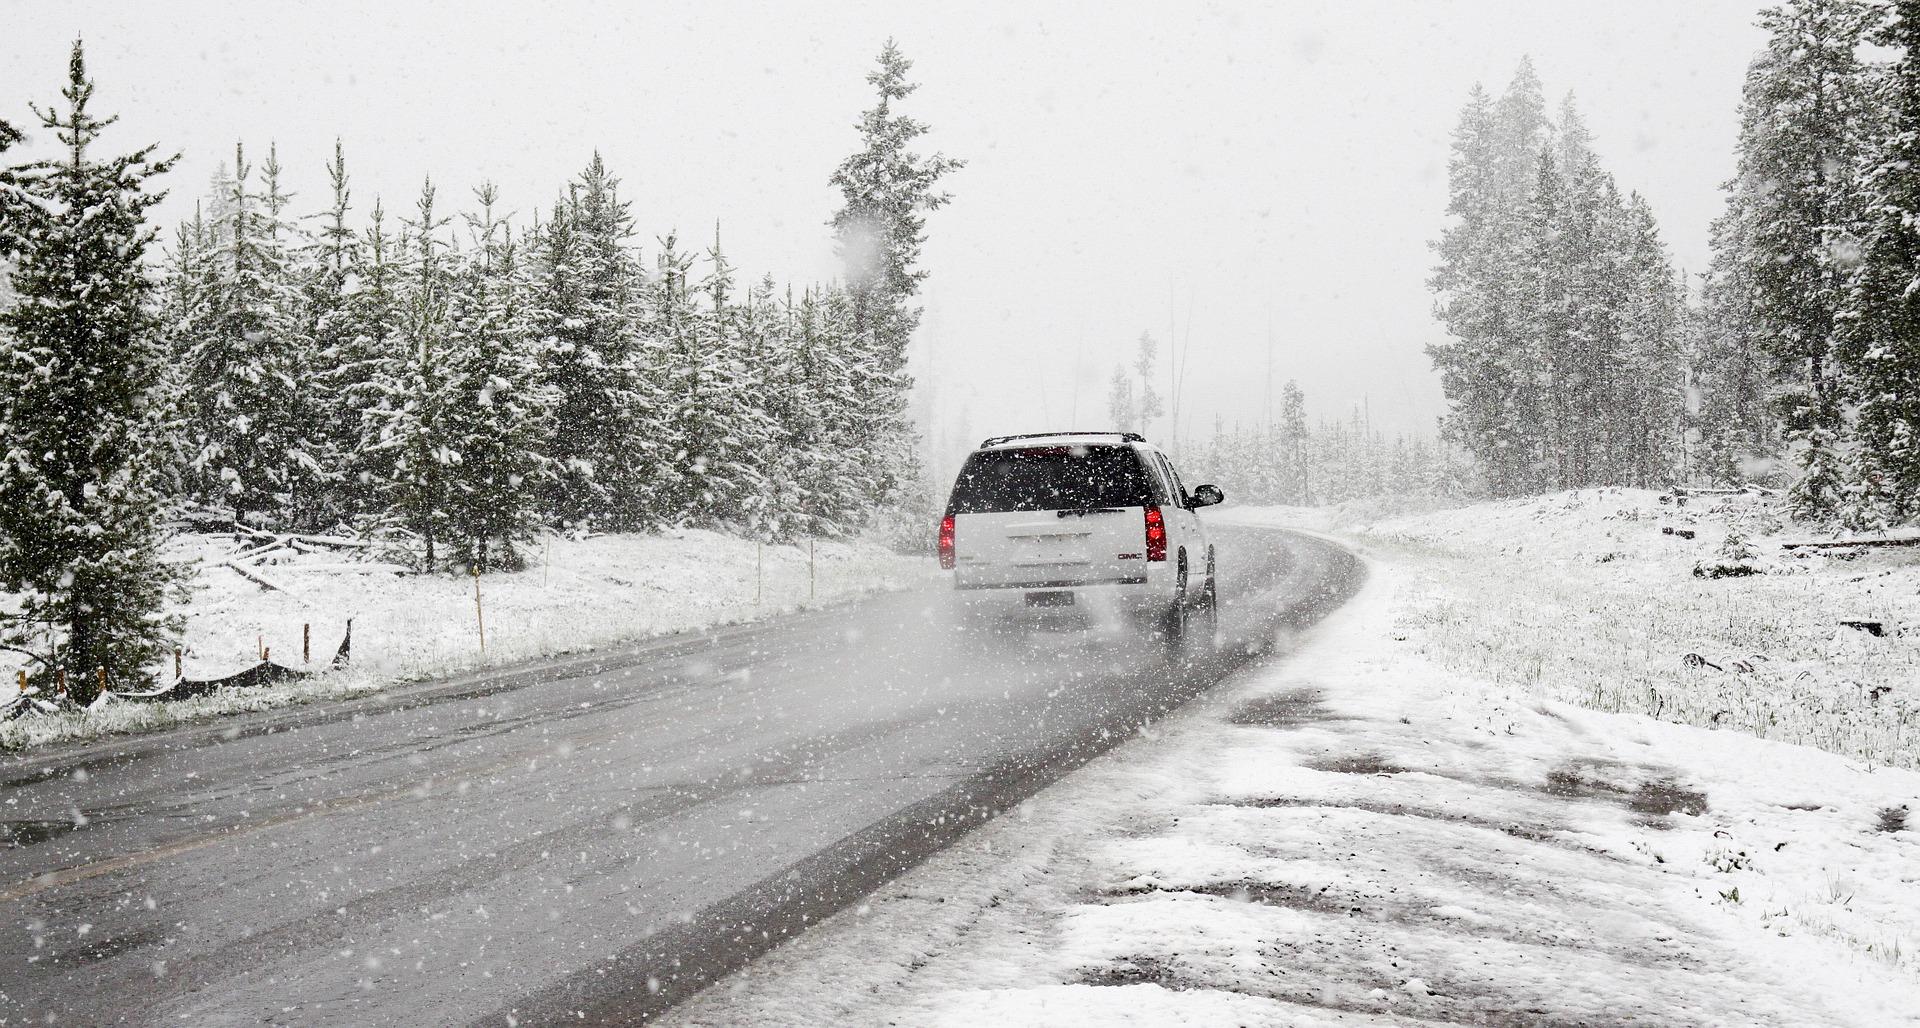 Landvetter Parkering | 10 bil vinter vård och underhållstips